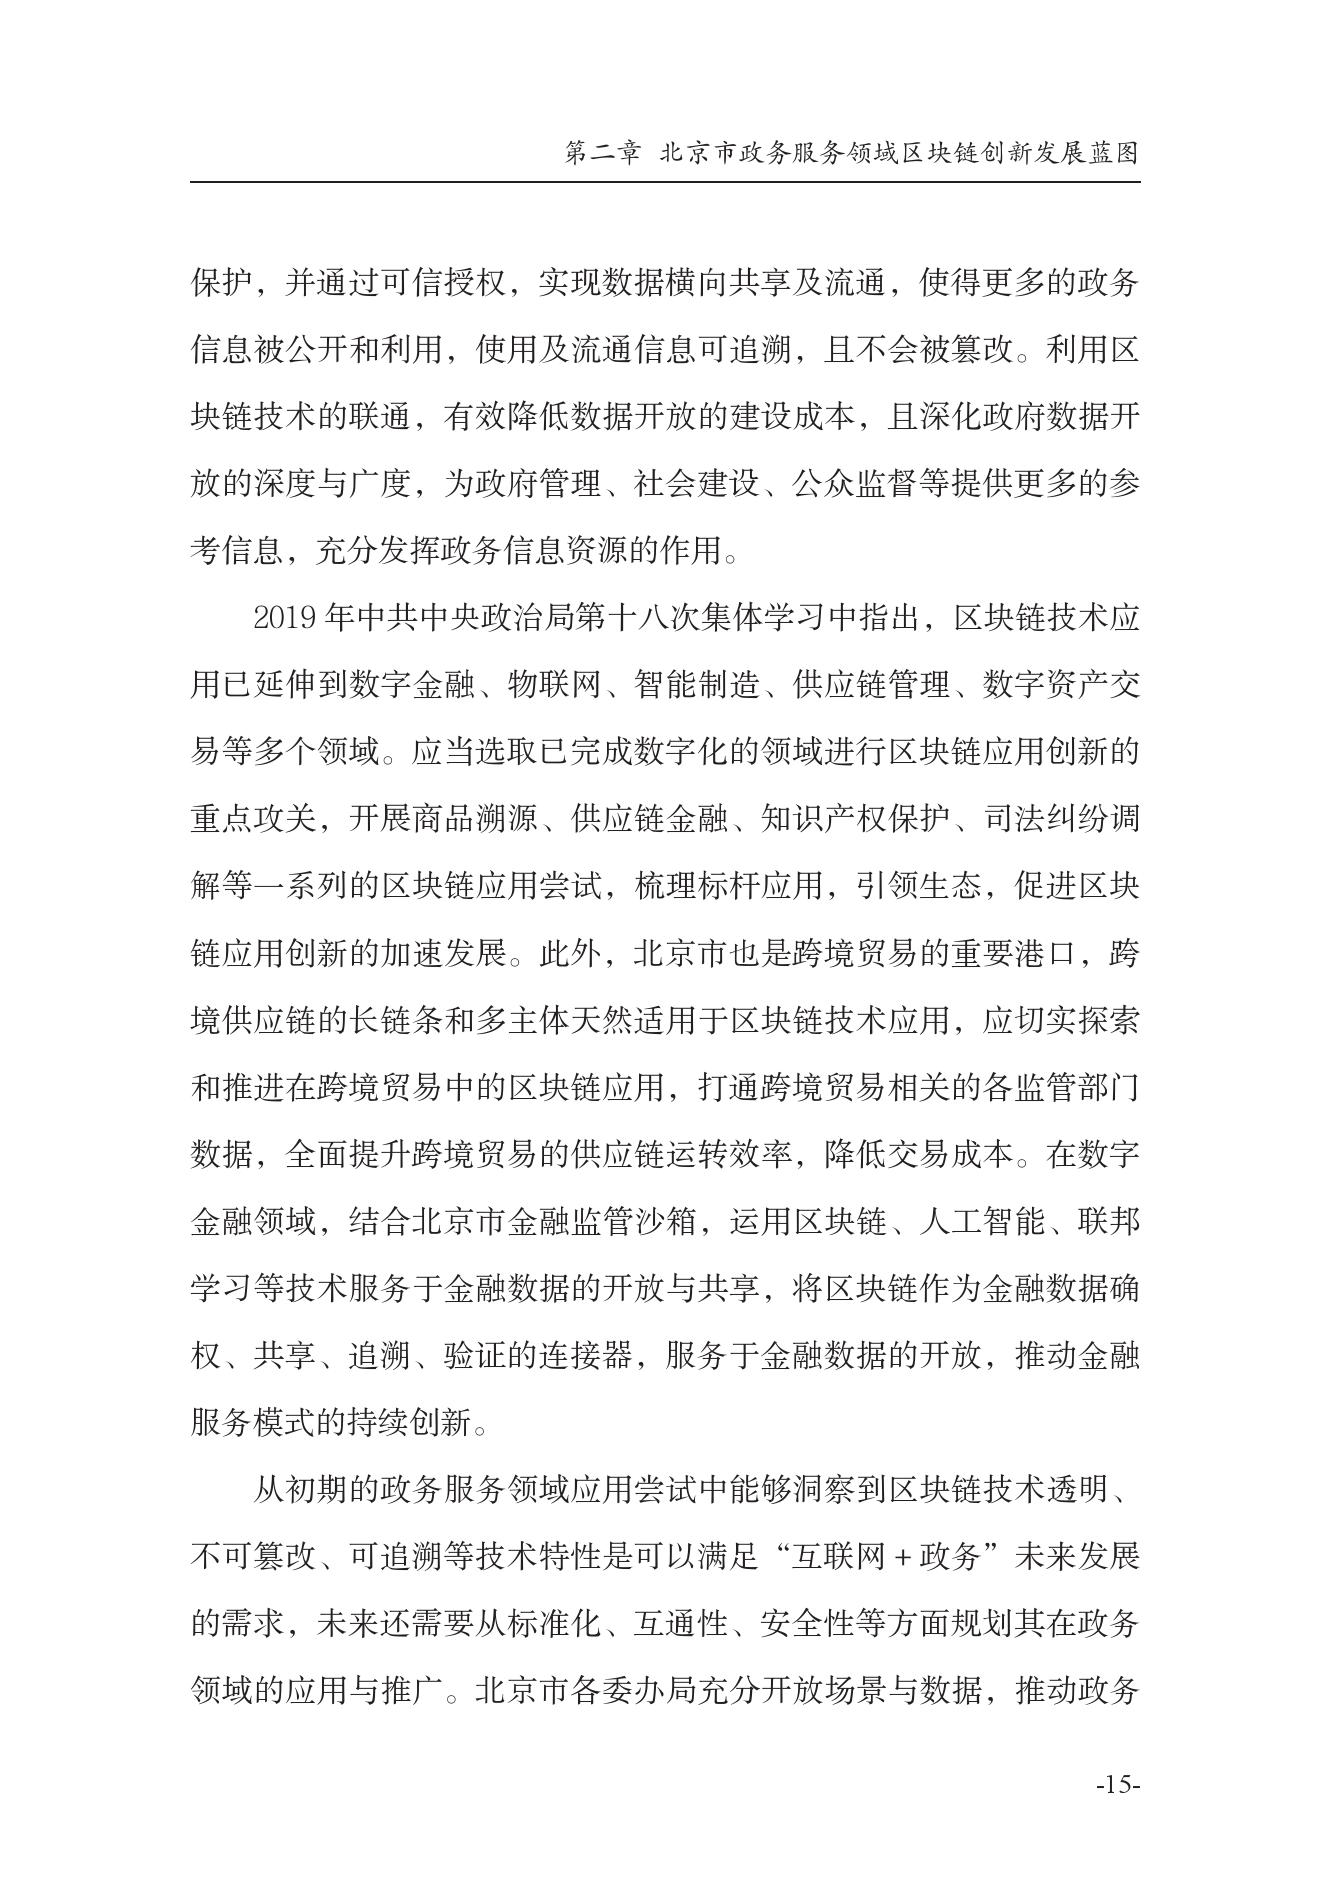 北京市政务服务领域区块链应用创新蓝皮书(可下载报告)插图(35)